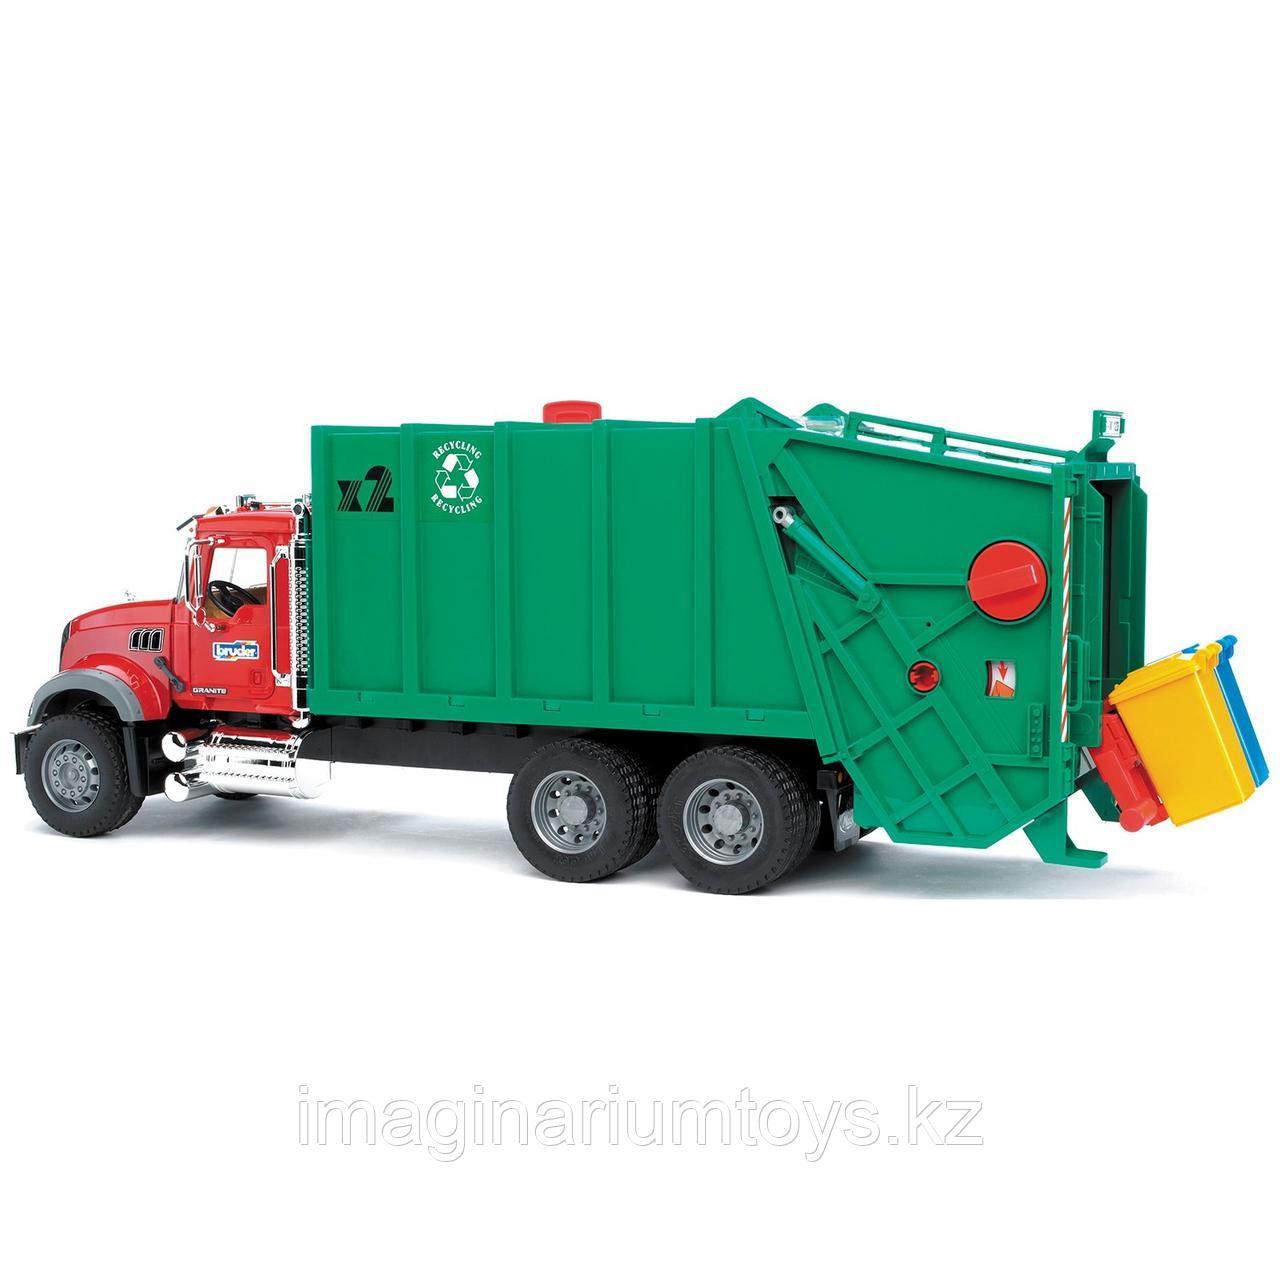 Игрушка Bruder машина мусоровоз Mack